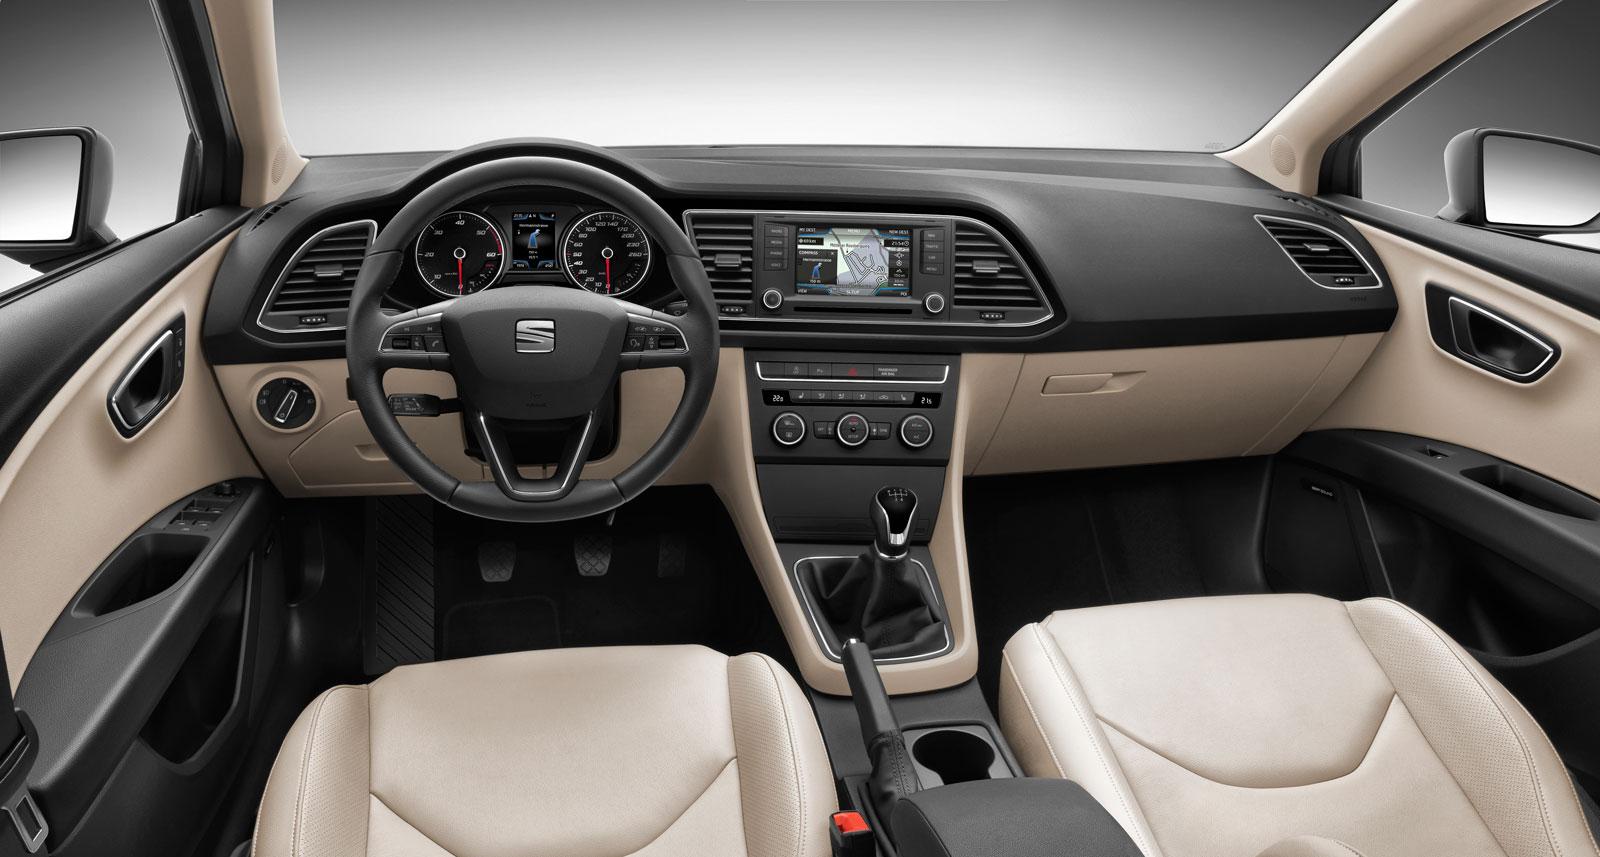 SEAT Leon ST Interior - Car Body Design